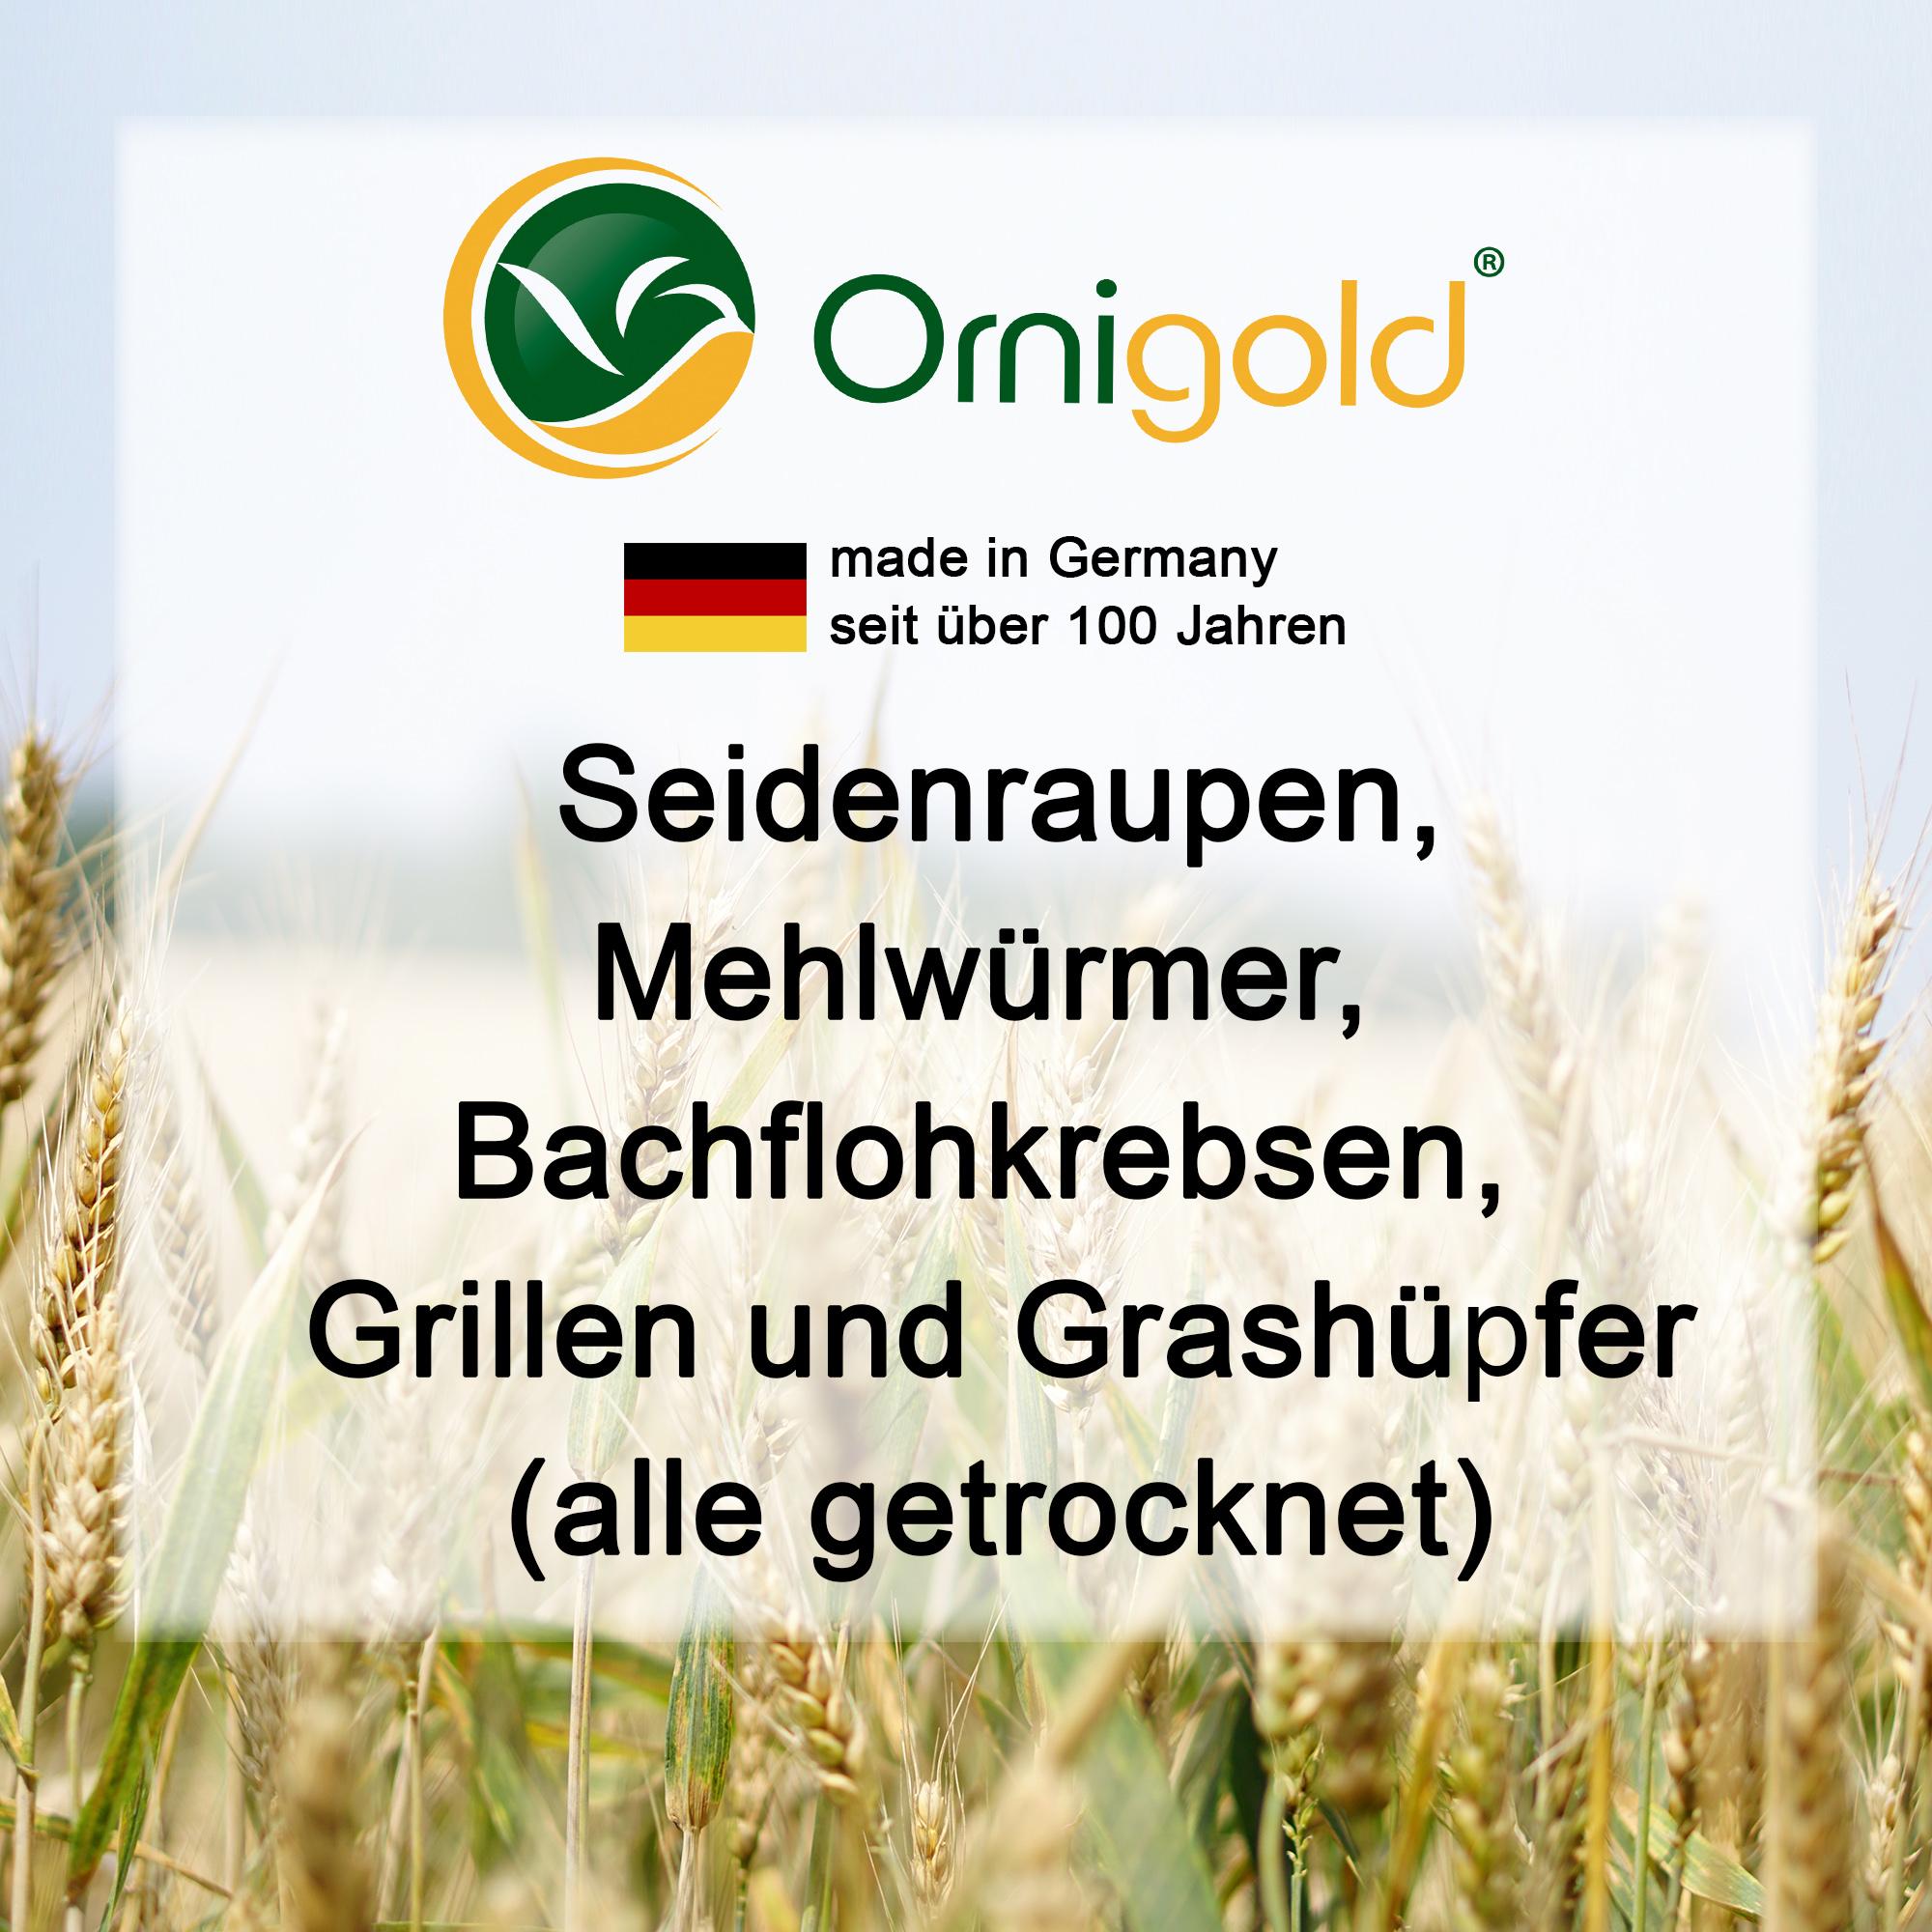 Premium Insekten Mix 500g getrocknet von Ornigold bestehend aus Seidenraupen, Mehlwürmer, Bachflohkrebse, Grillen, Grashüpfer Bild 3